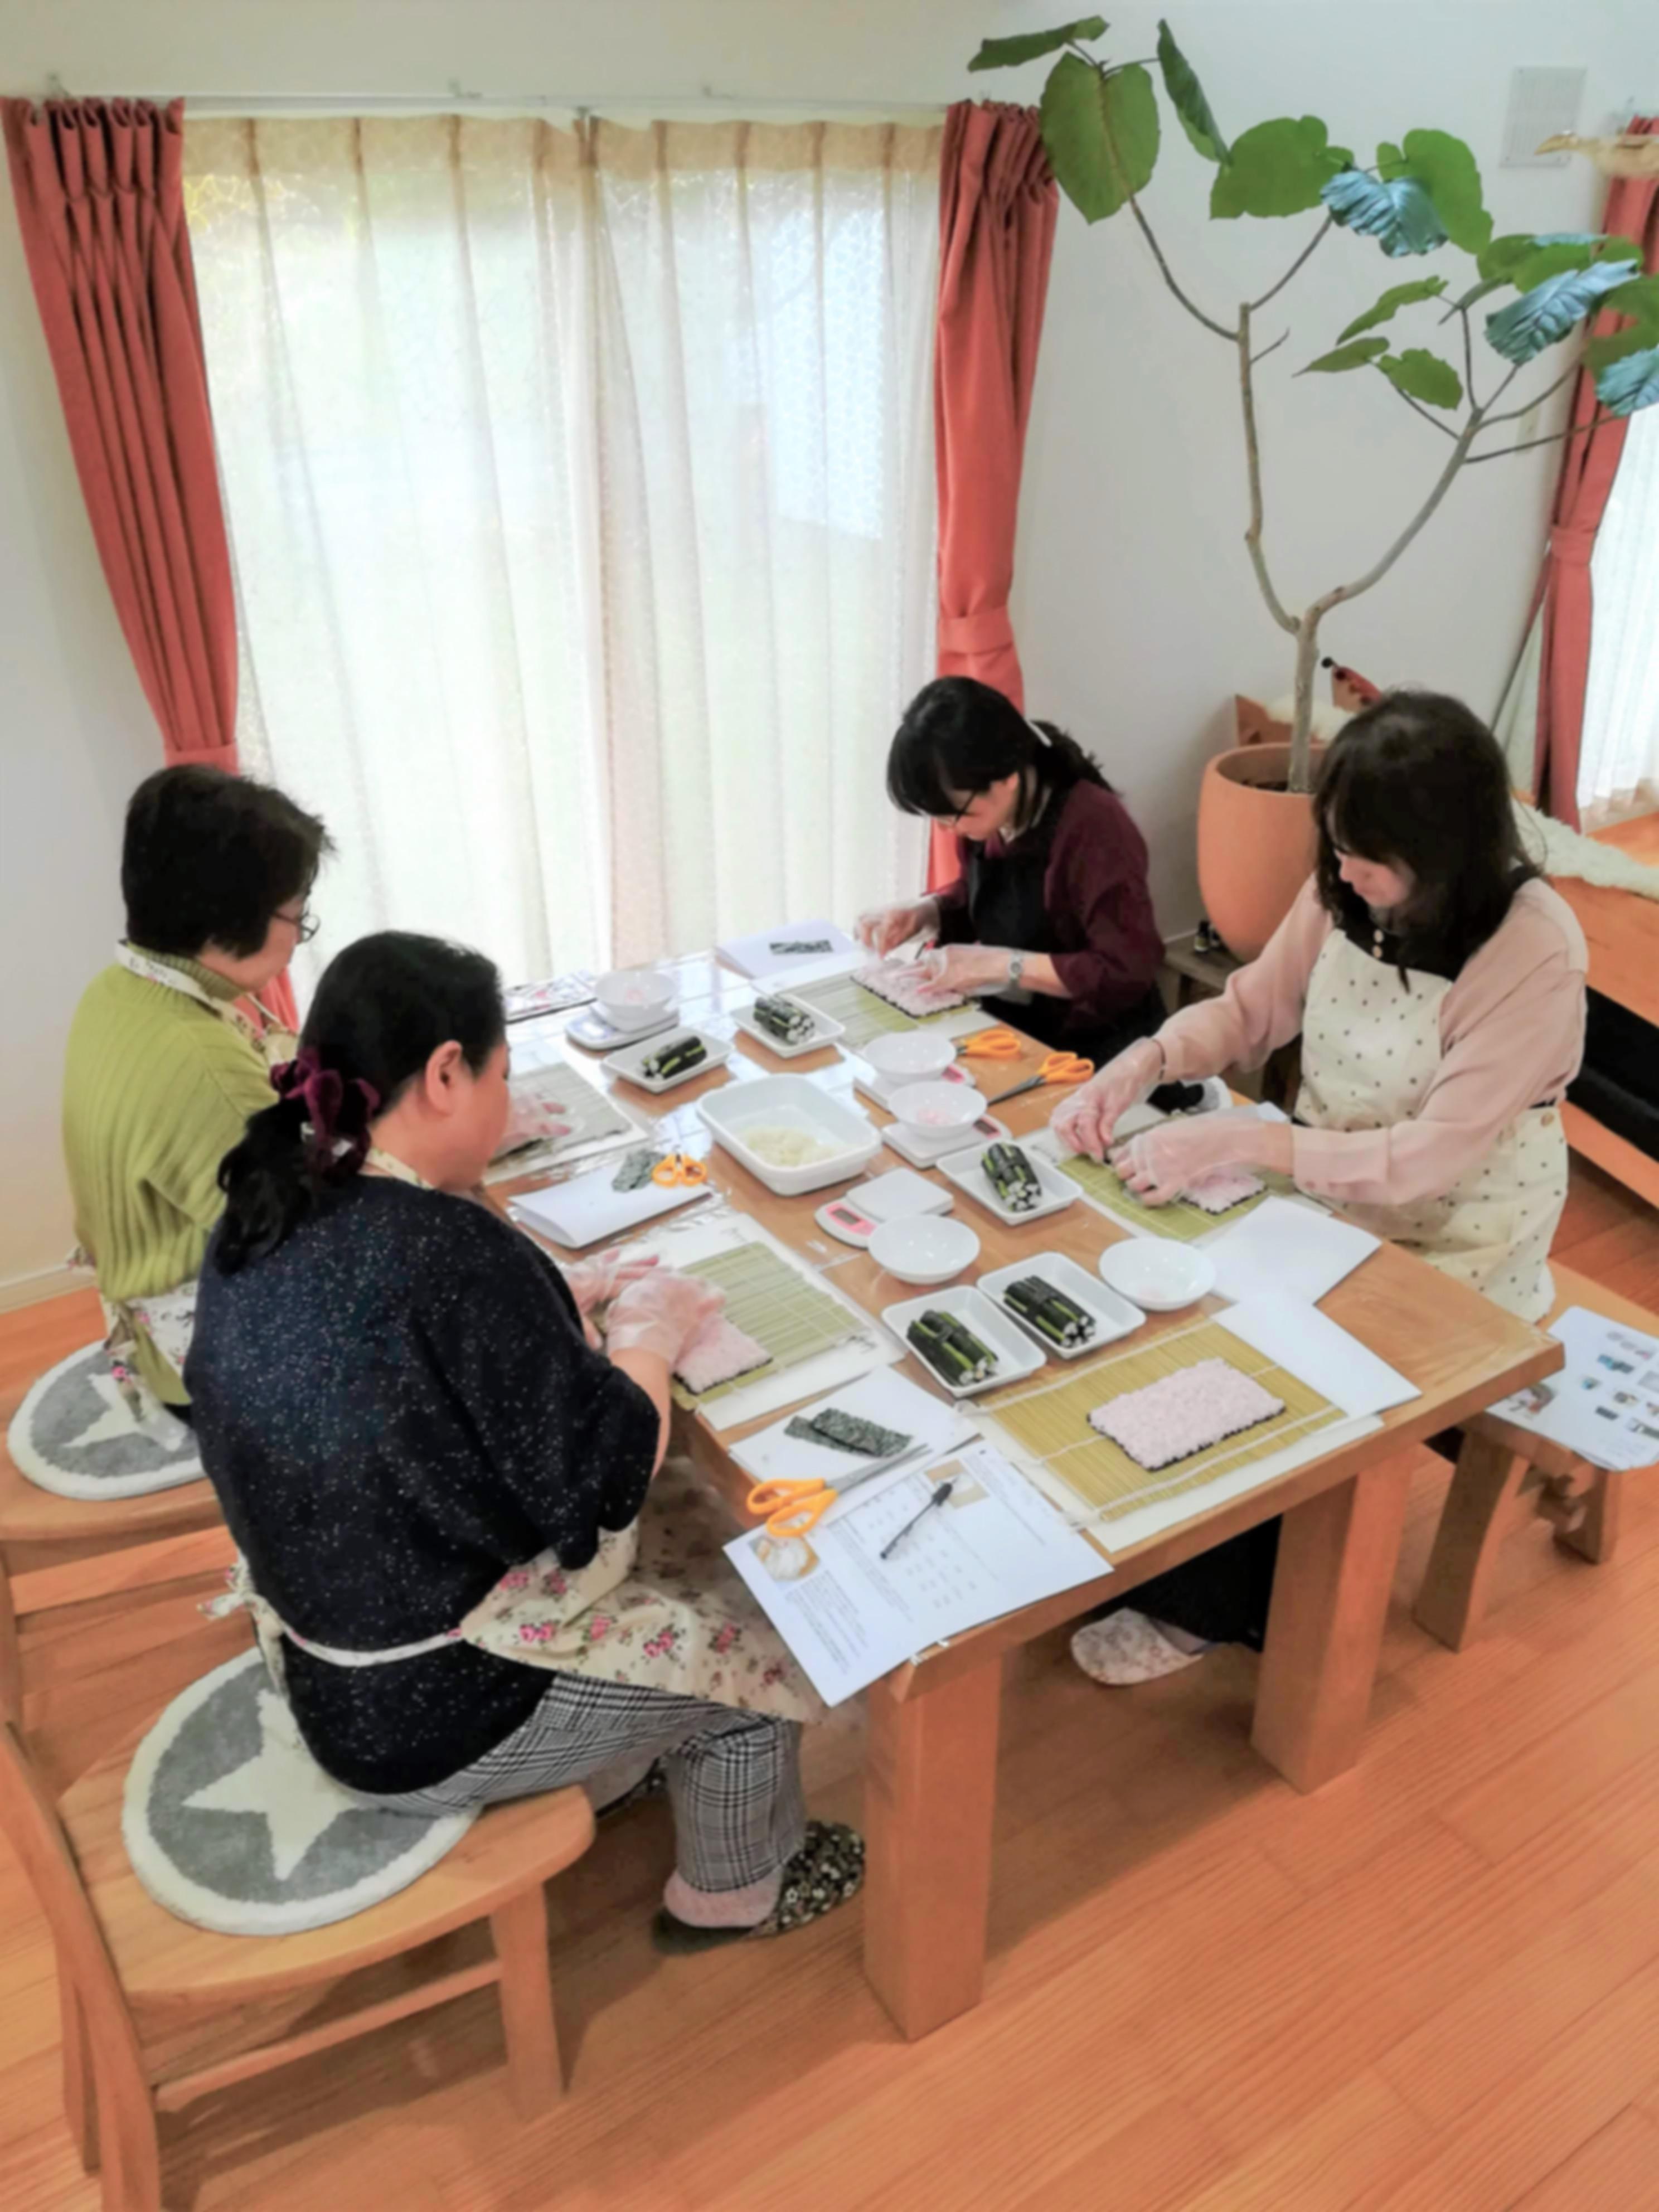 飾り巻き寿司インストラクター、資格取得、札幌、起業、起業女子、自宅開業、サロネーゼ、インストラクター、認定講師、飾り巻き寿司、巻き寿司、巻き寿司教室、巻き寿司教室デザイン、